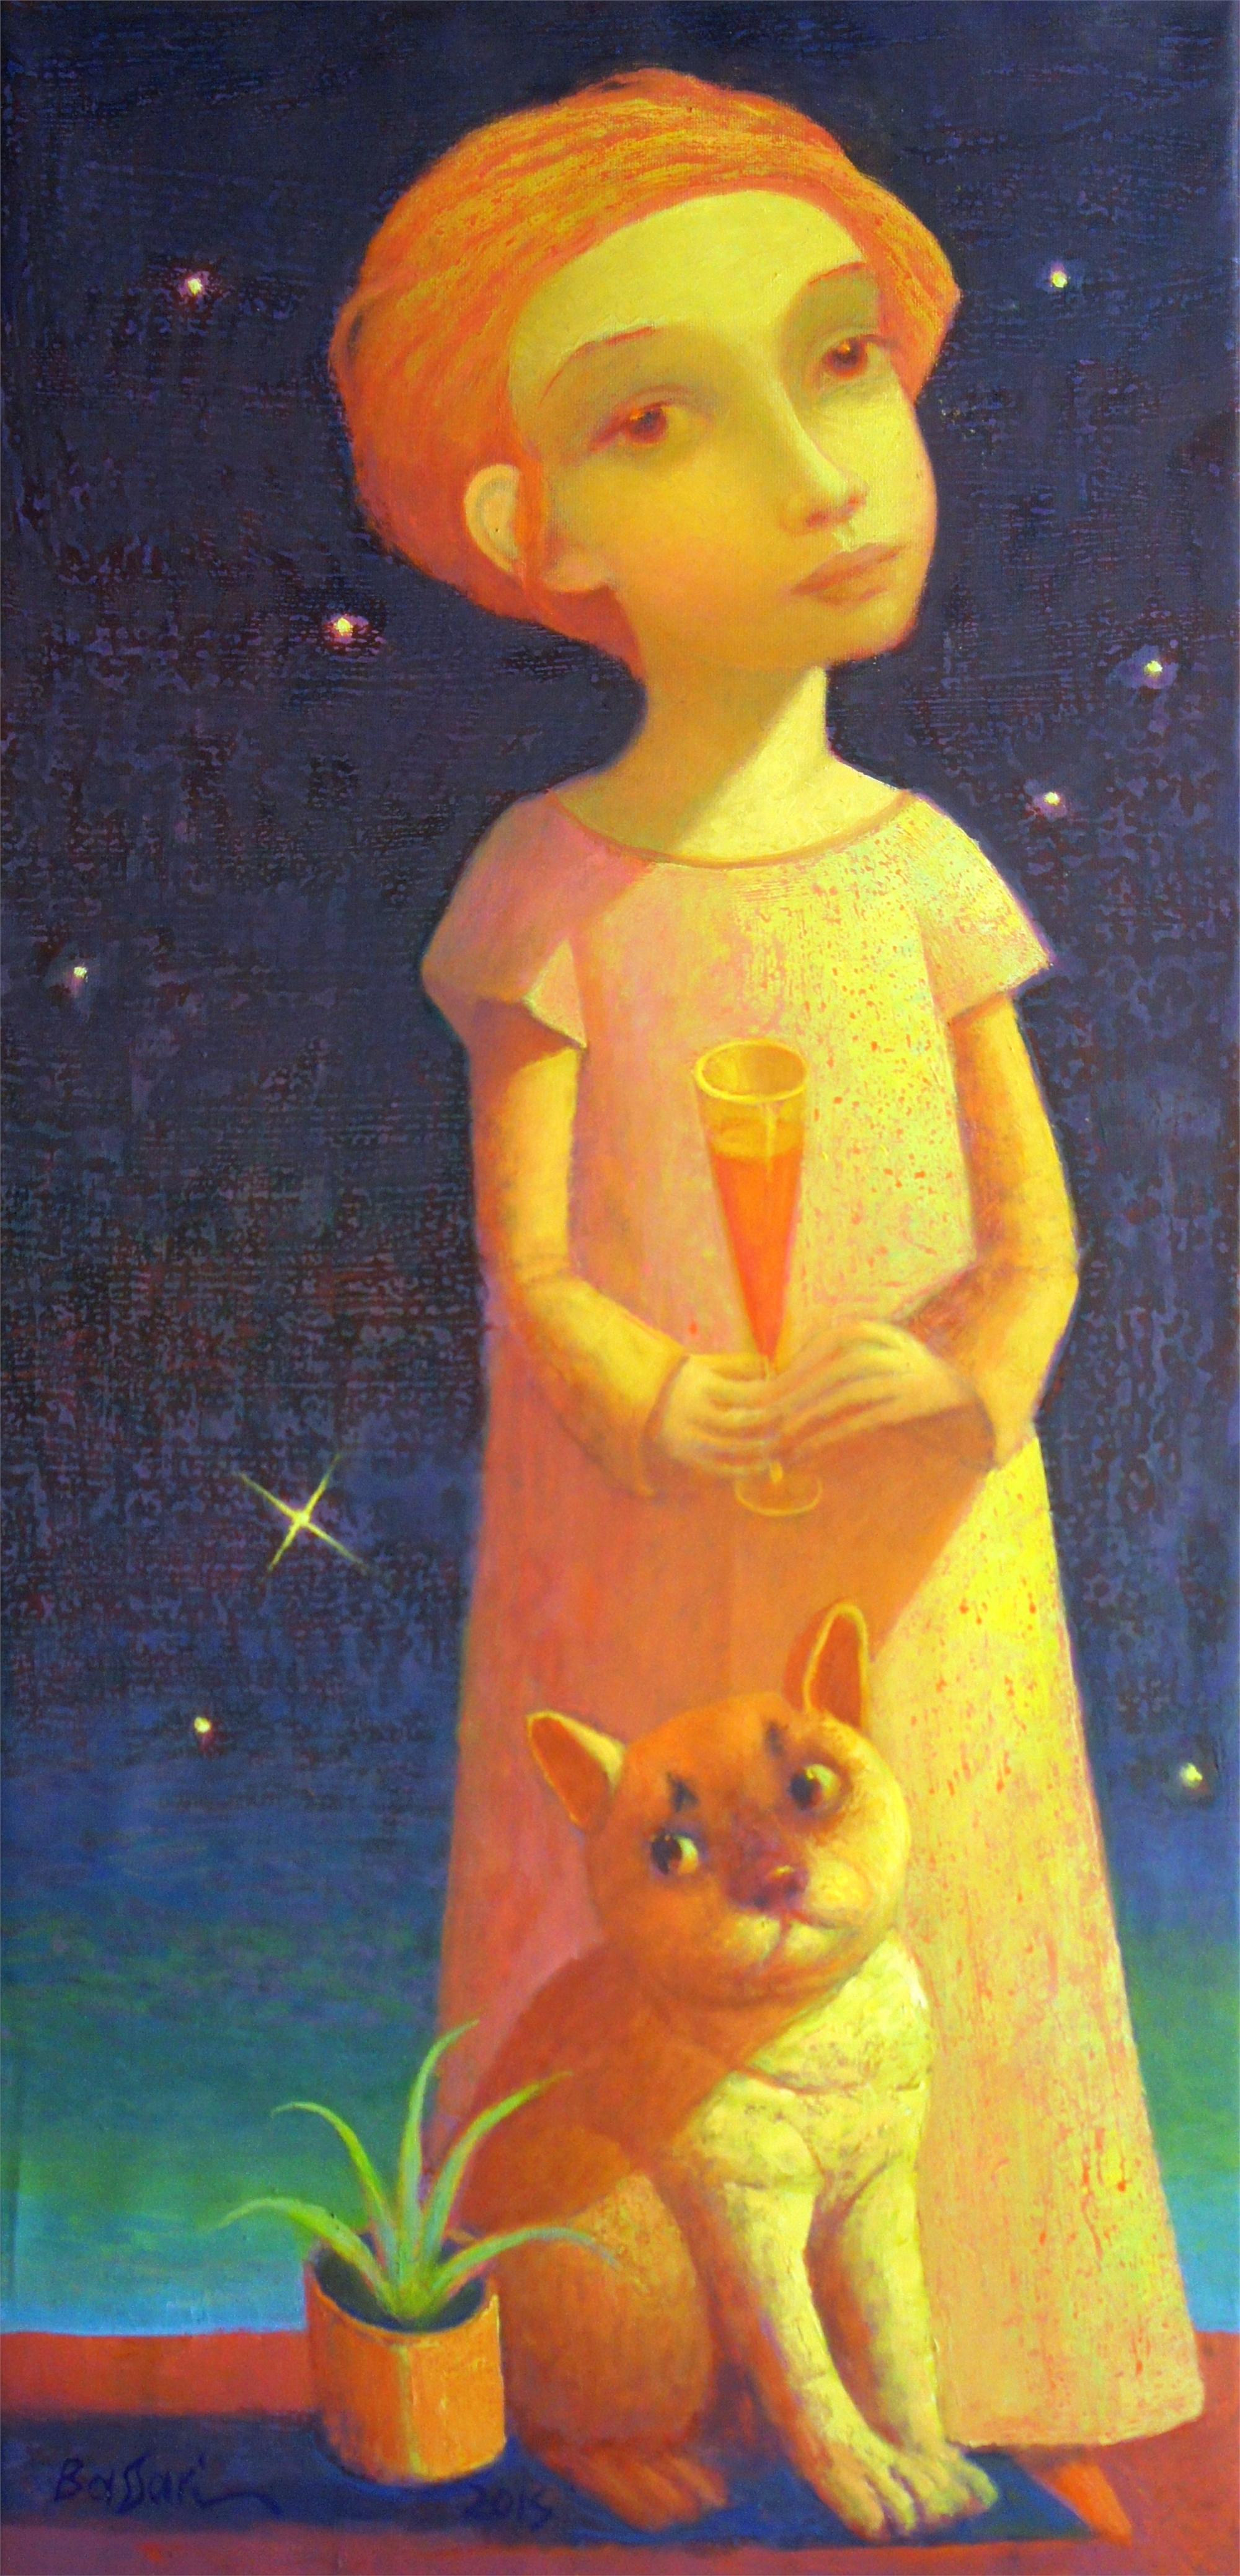 Night Meeting by Sasha Bassari